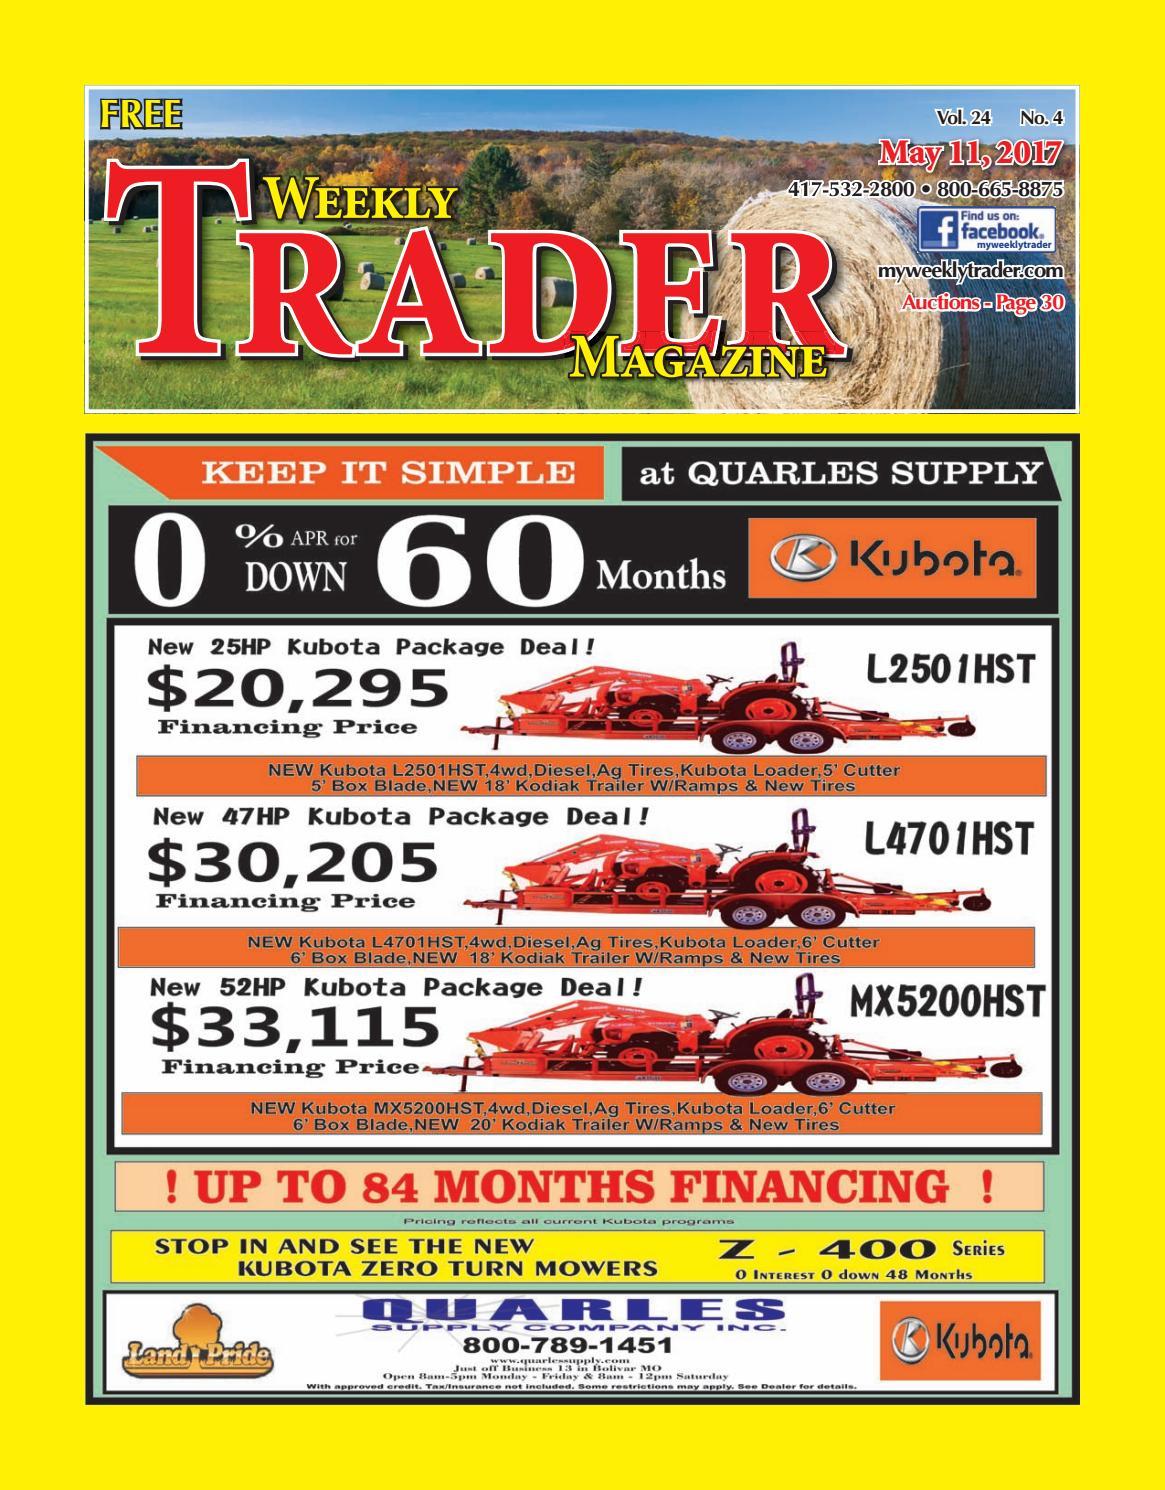 ddde9f06b2 Weekly Trader May 11